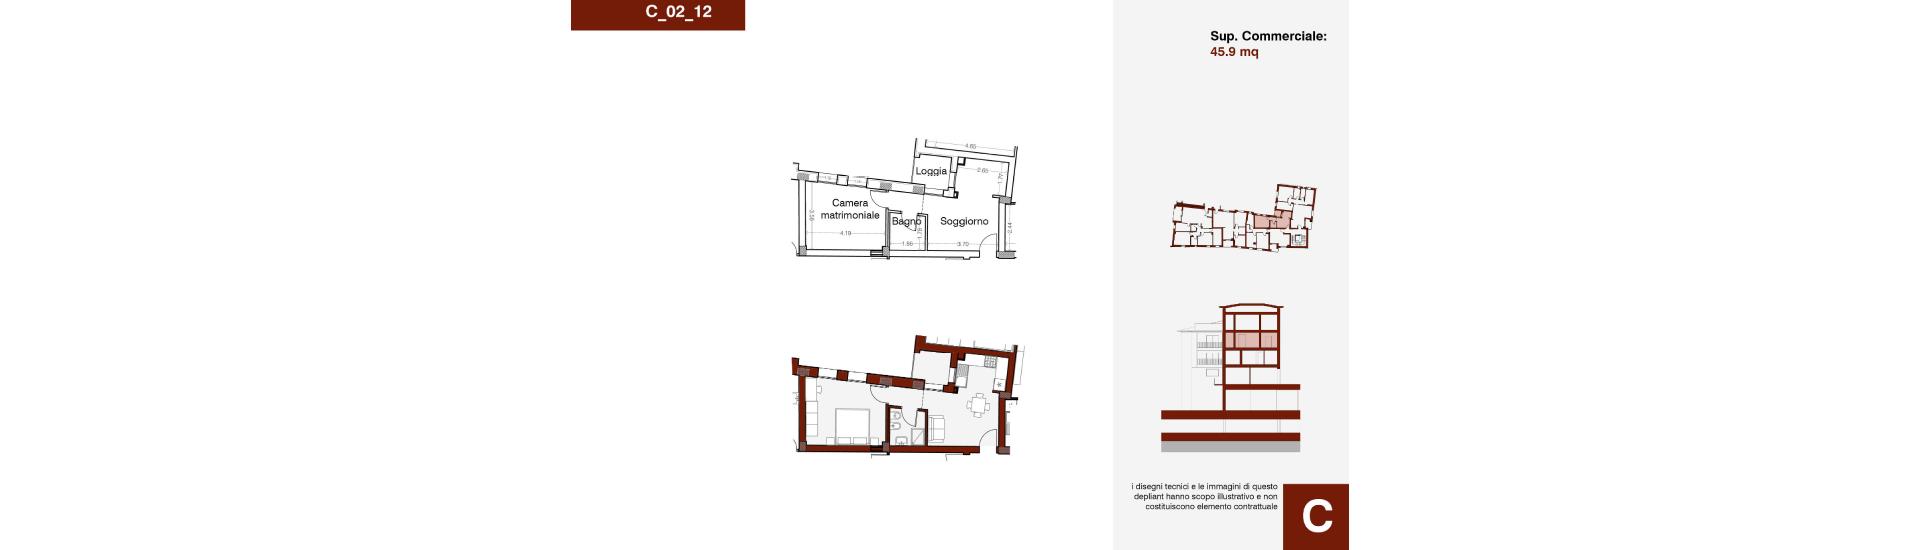 Edificio C, C_02_12, immagine completa